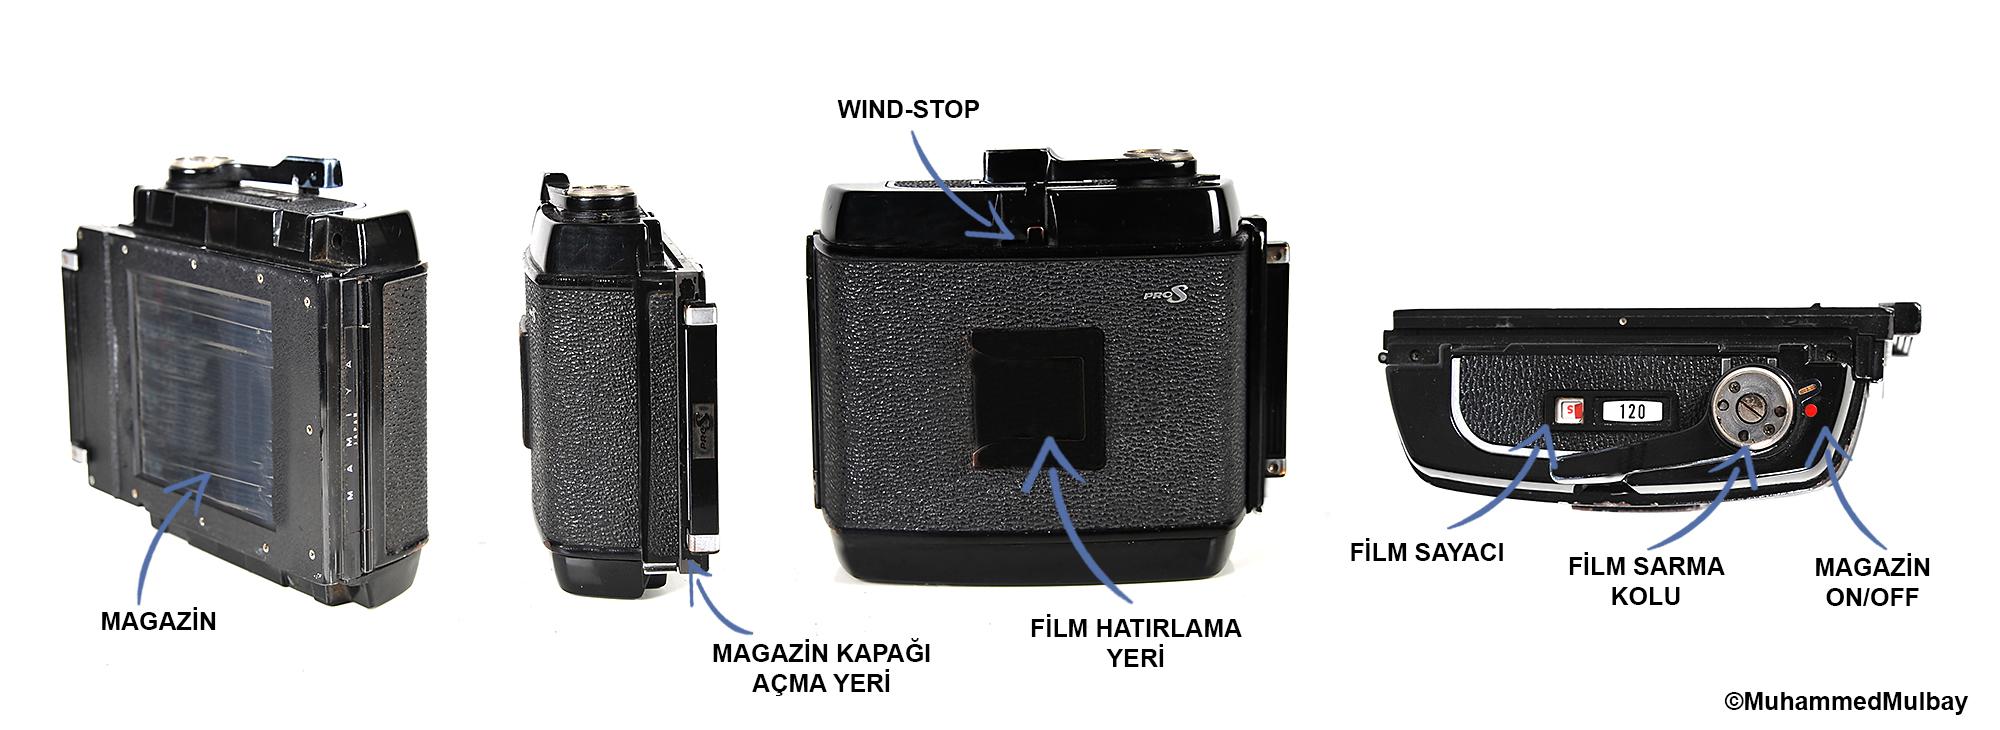 mamiya-rb67-kullanimi-analog-fotografcilik-7-